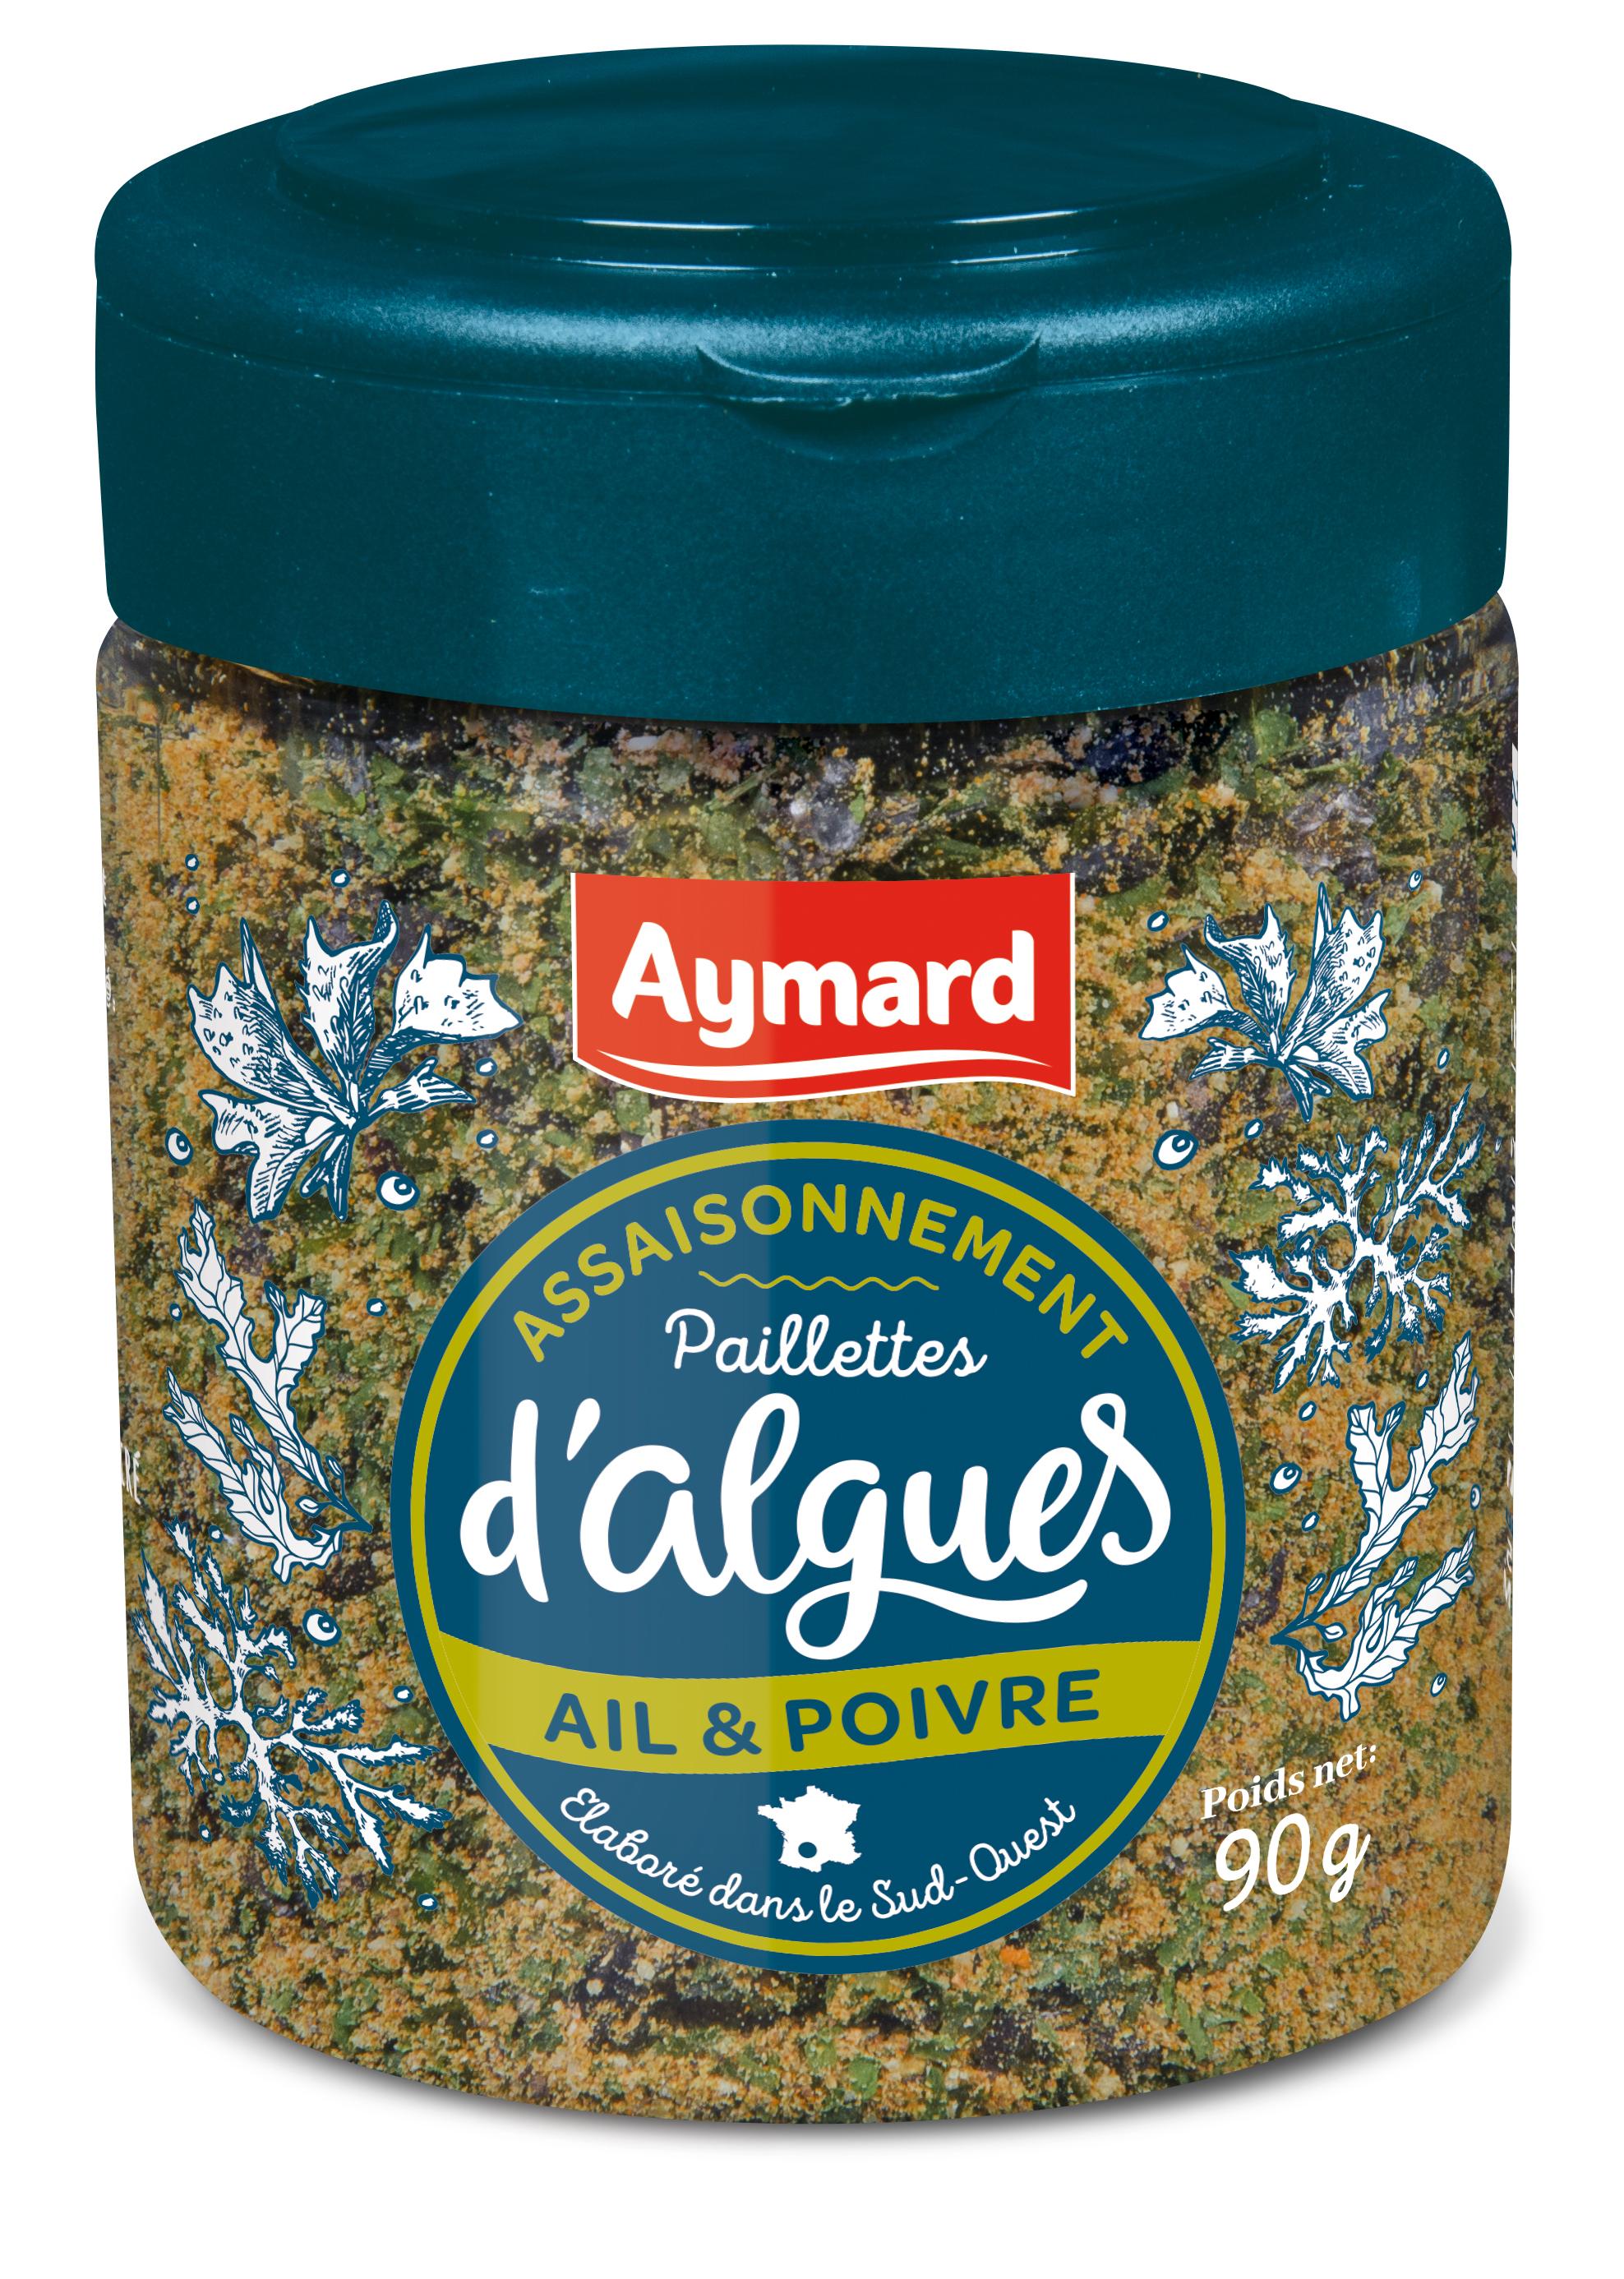 algues ail poivres